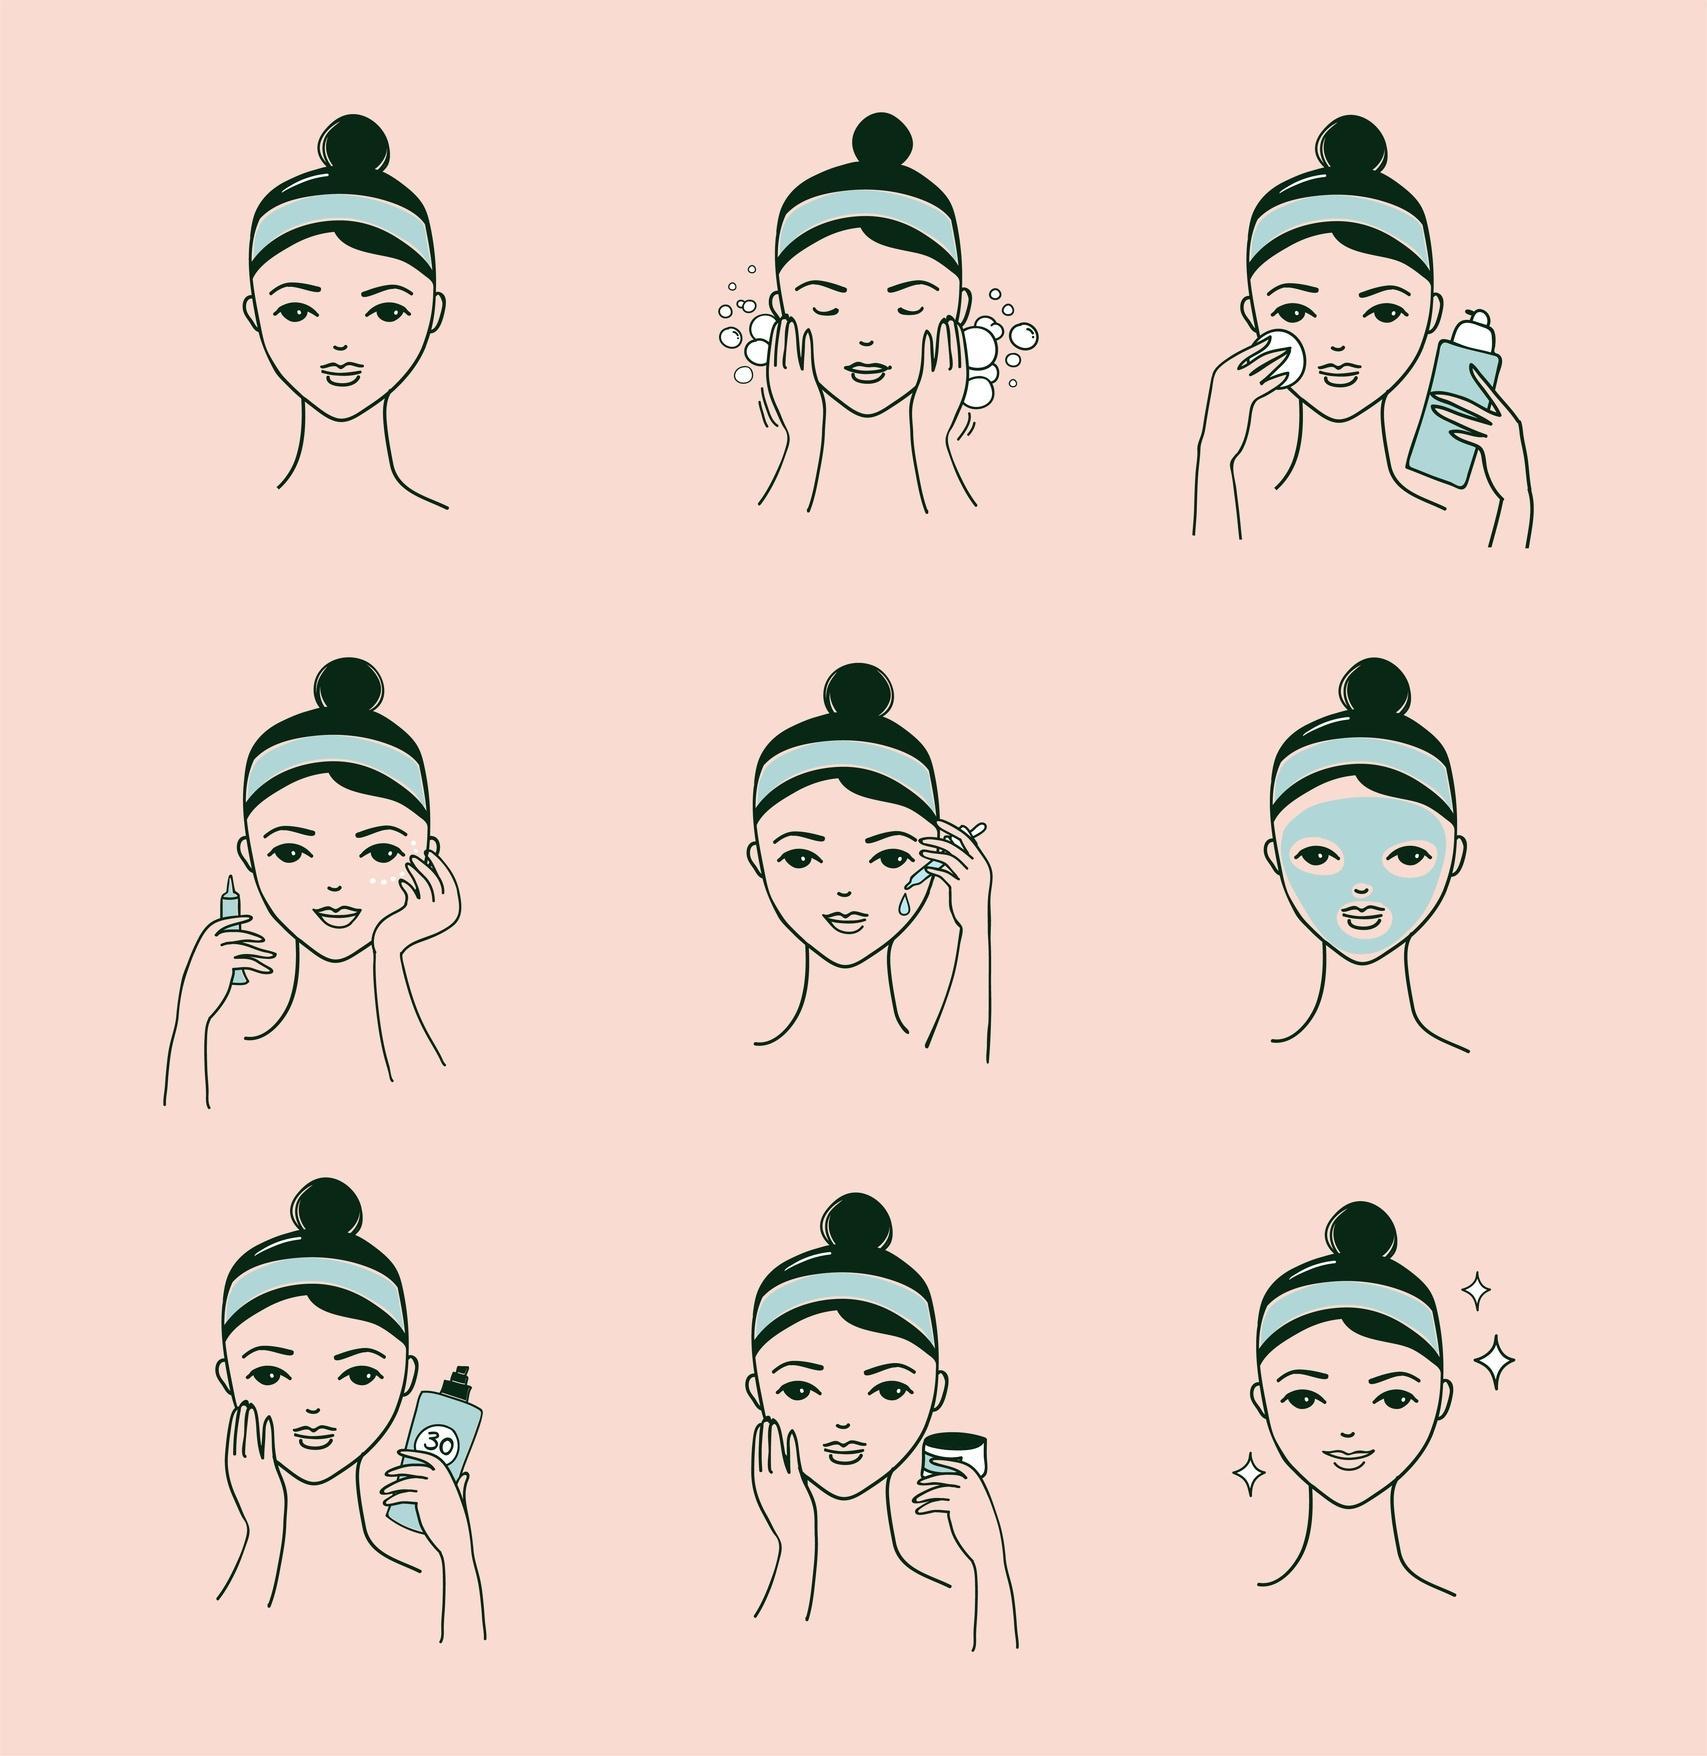 Dicas Para Simplificar E Baratear O Ritual Coreano De Pele Impecavel